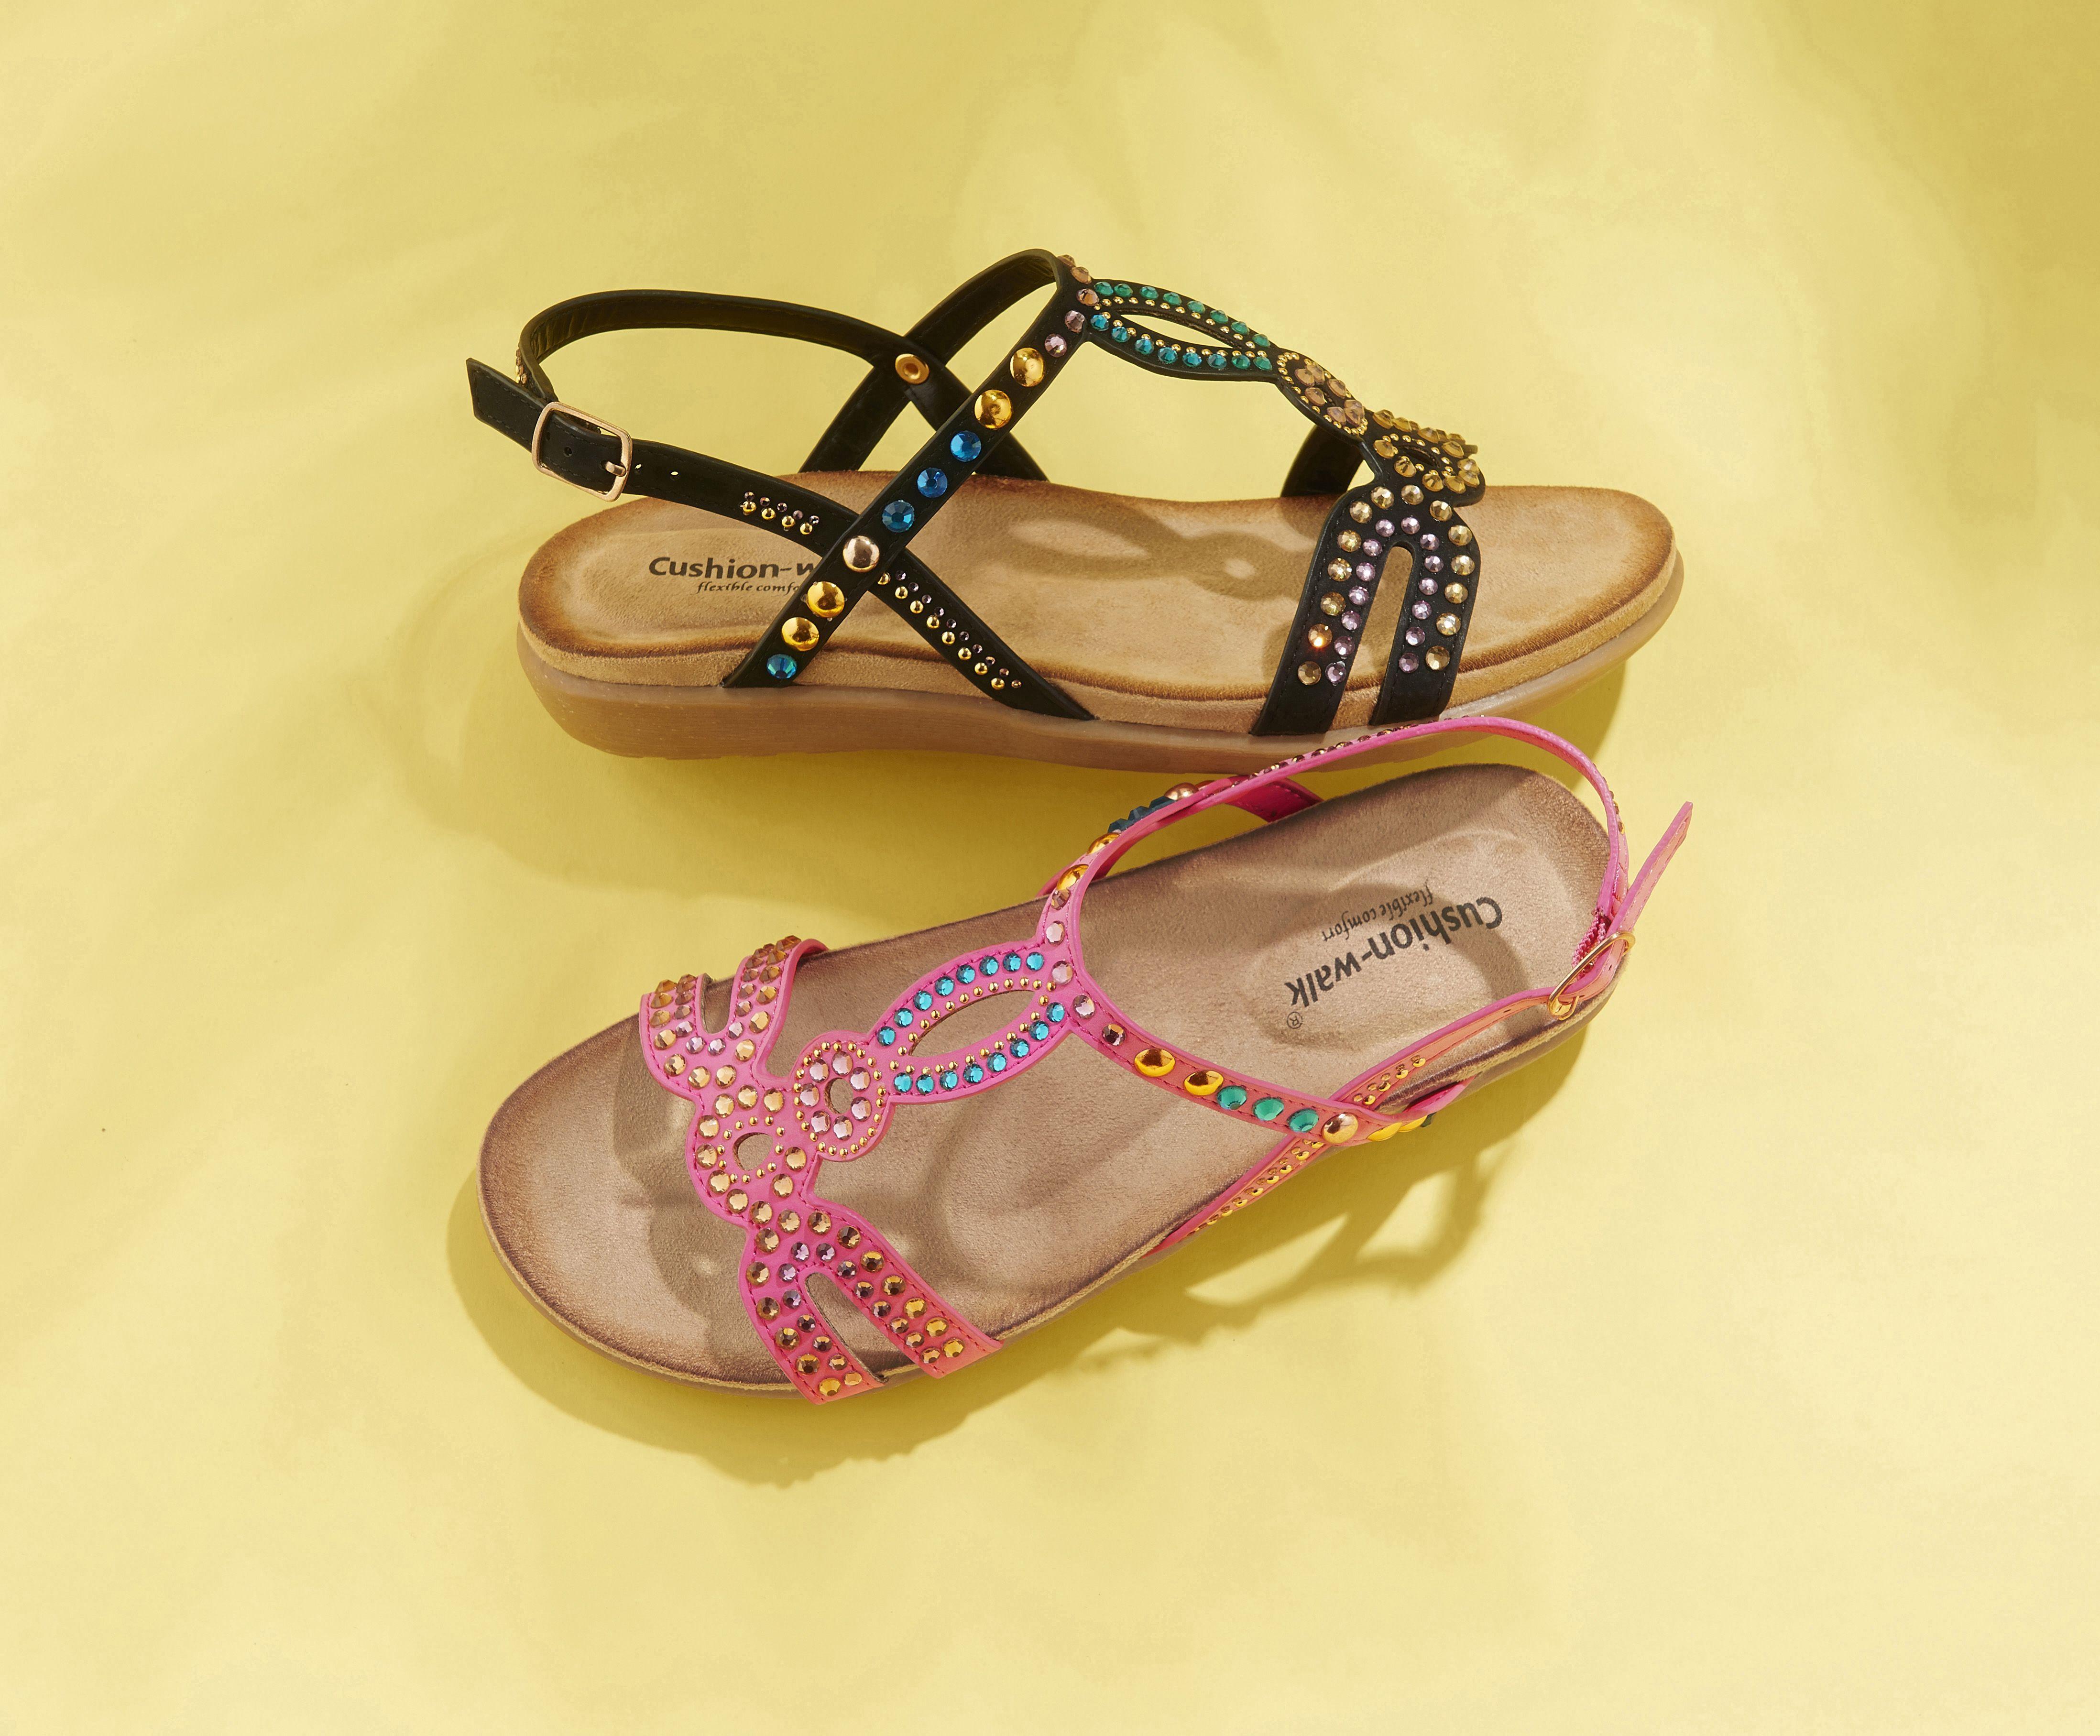 Cushion-walk Sandal Ref : F054X